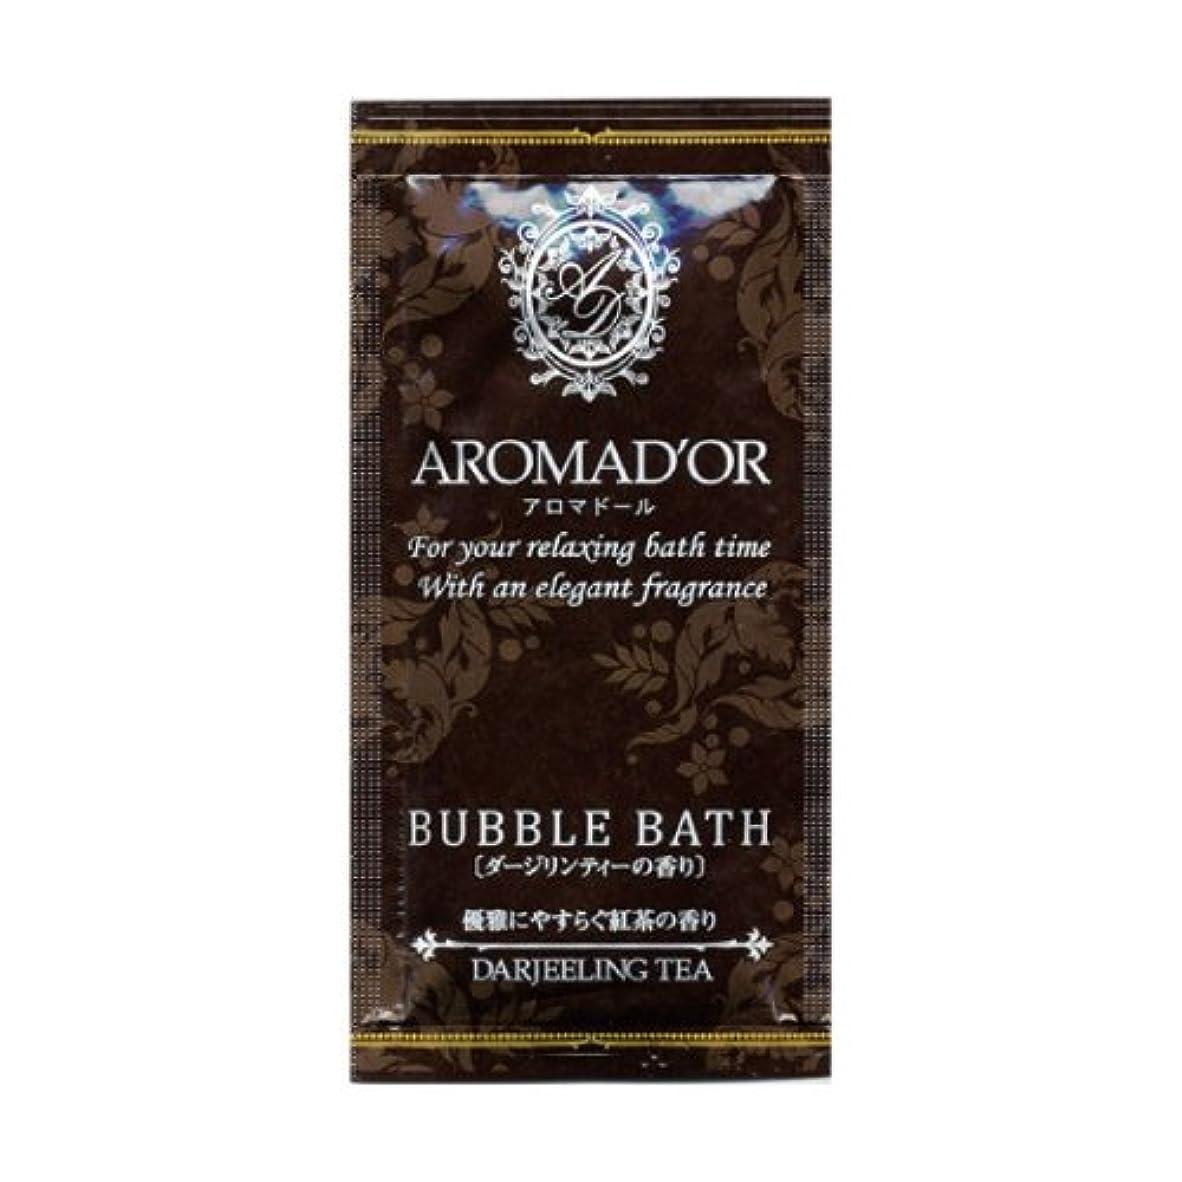 明確な隔離する販売員アロマドール バブルバス ダージリンティーの香り 12包